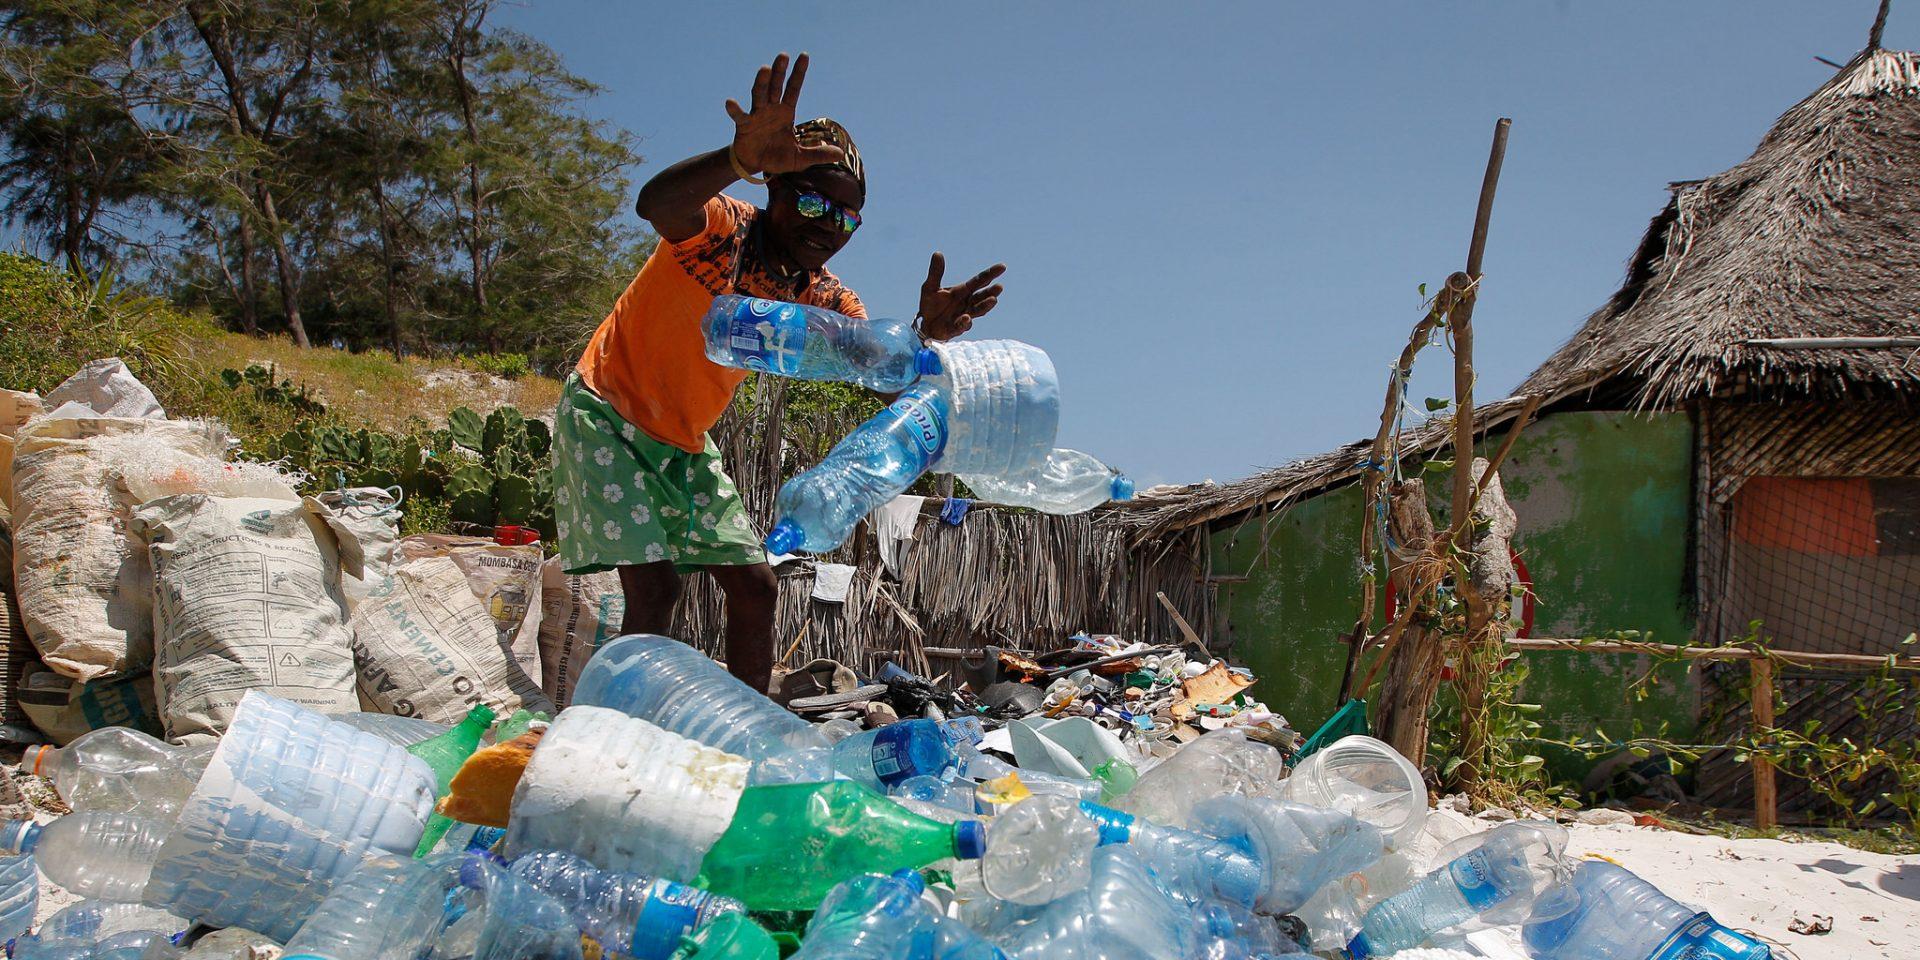 År 2019 var året när vi alla blev mer medvetna om hur vår konsumtion påverkar resten av världen, som här på stranden i Watamu, i Kenya.